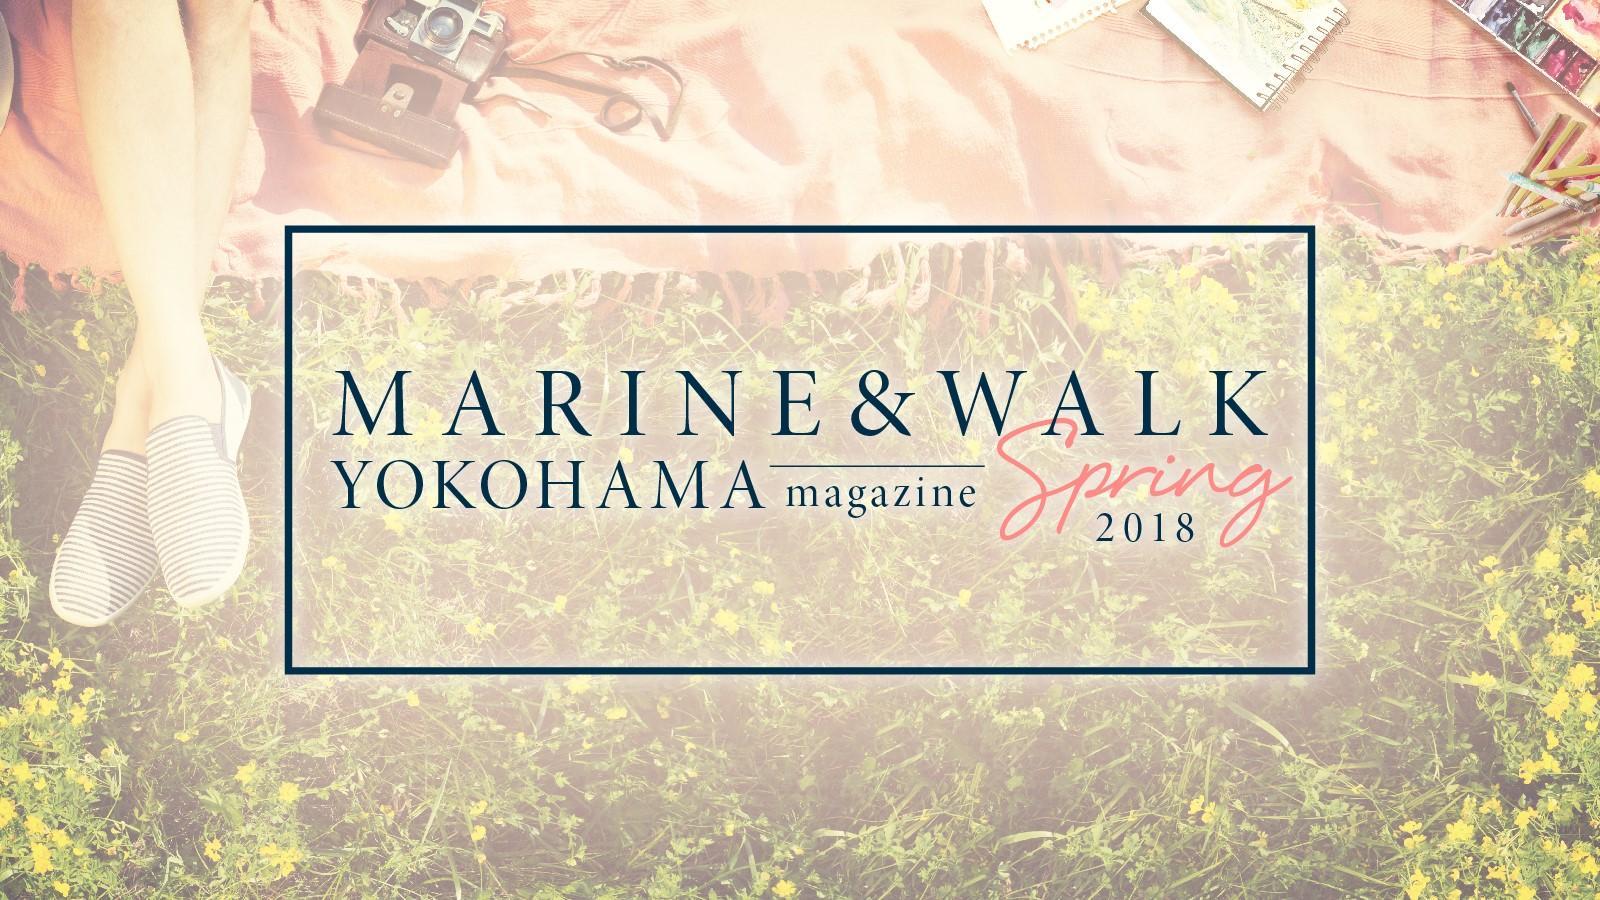 MARINE & WALK YOKOHAMA Spring 2018